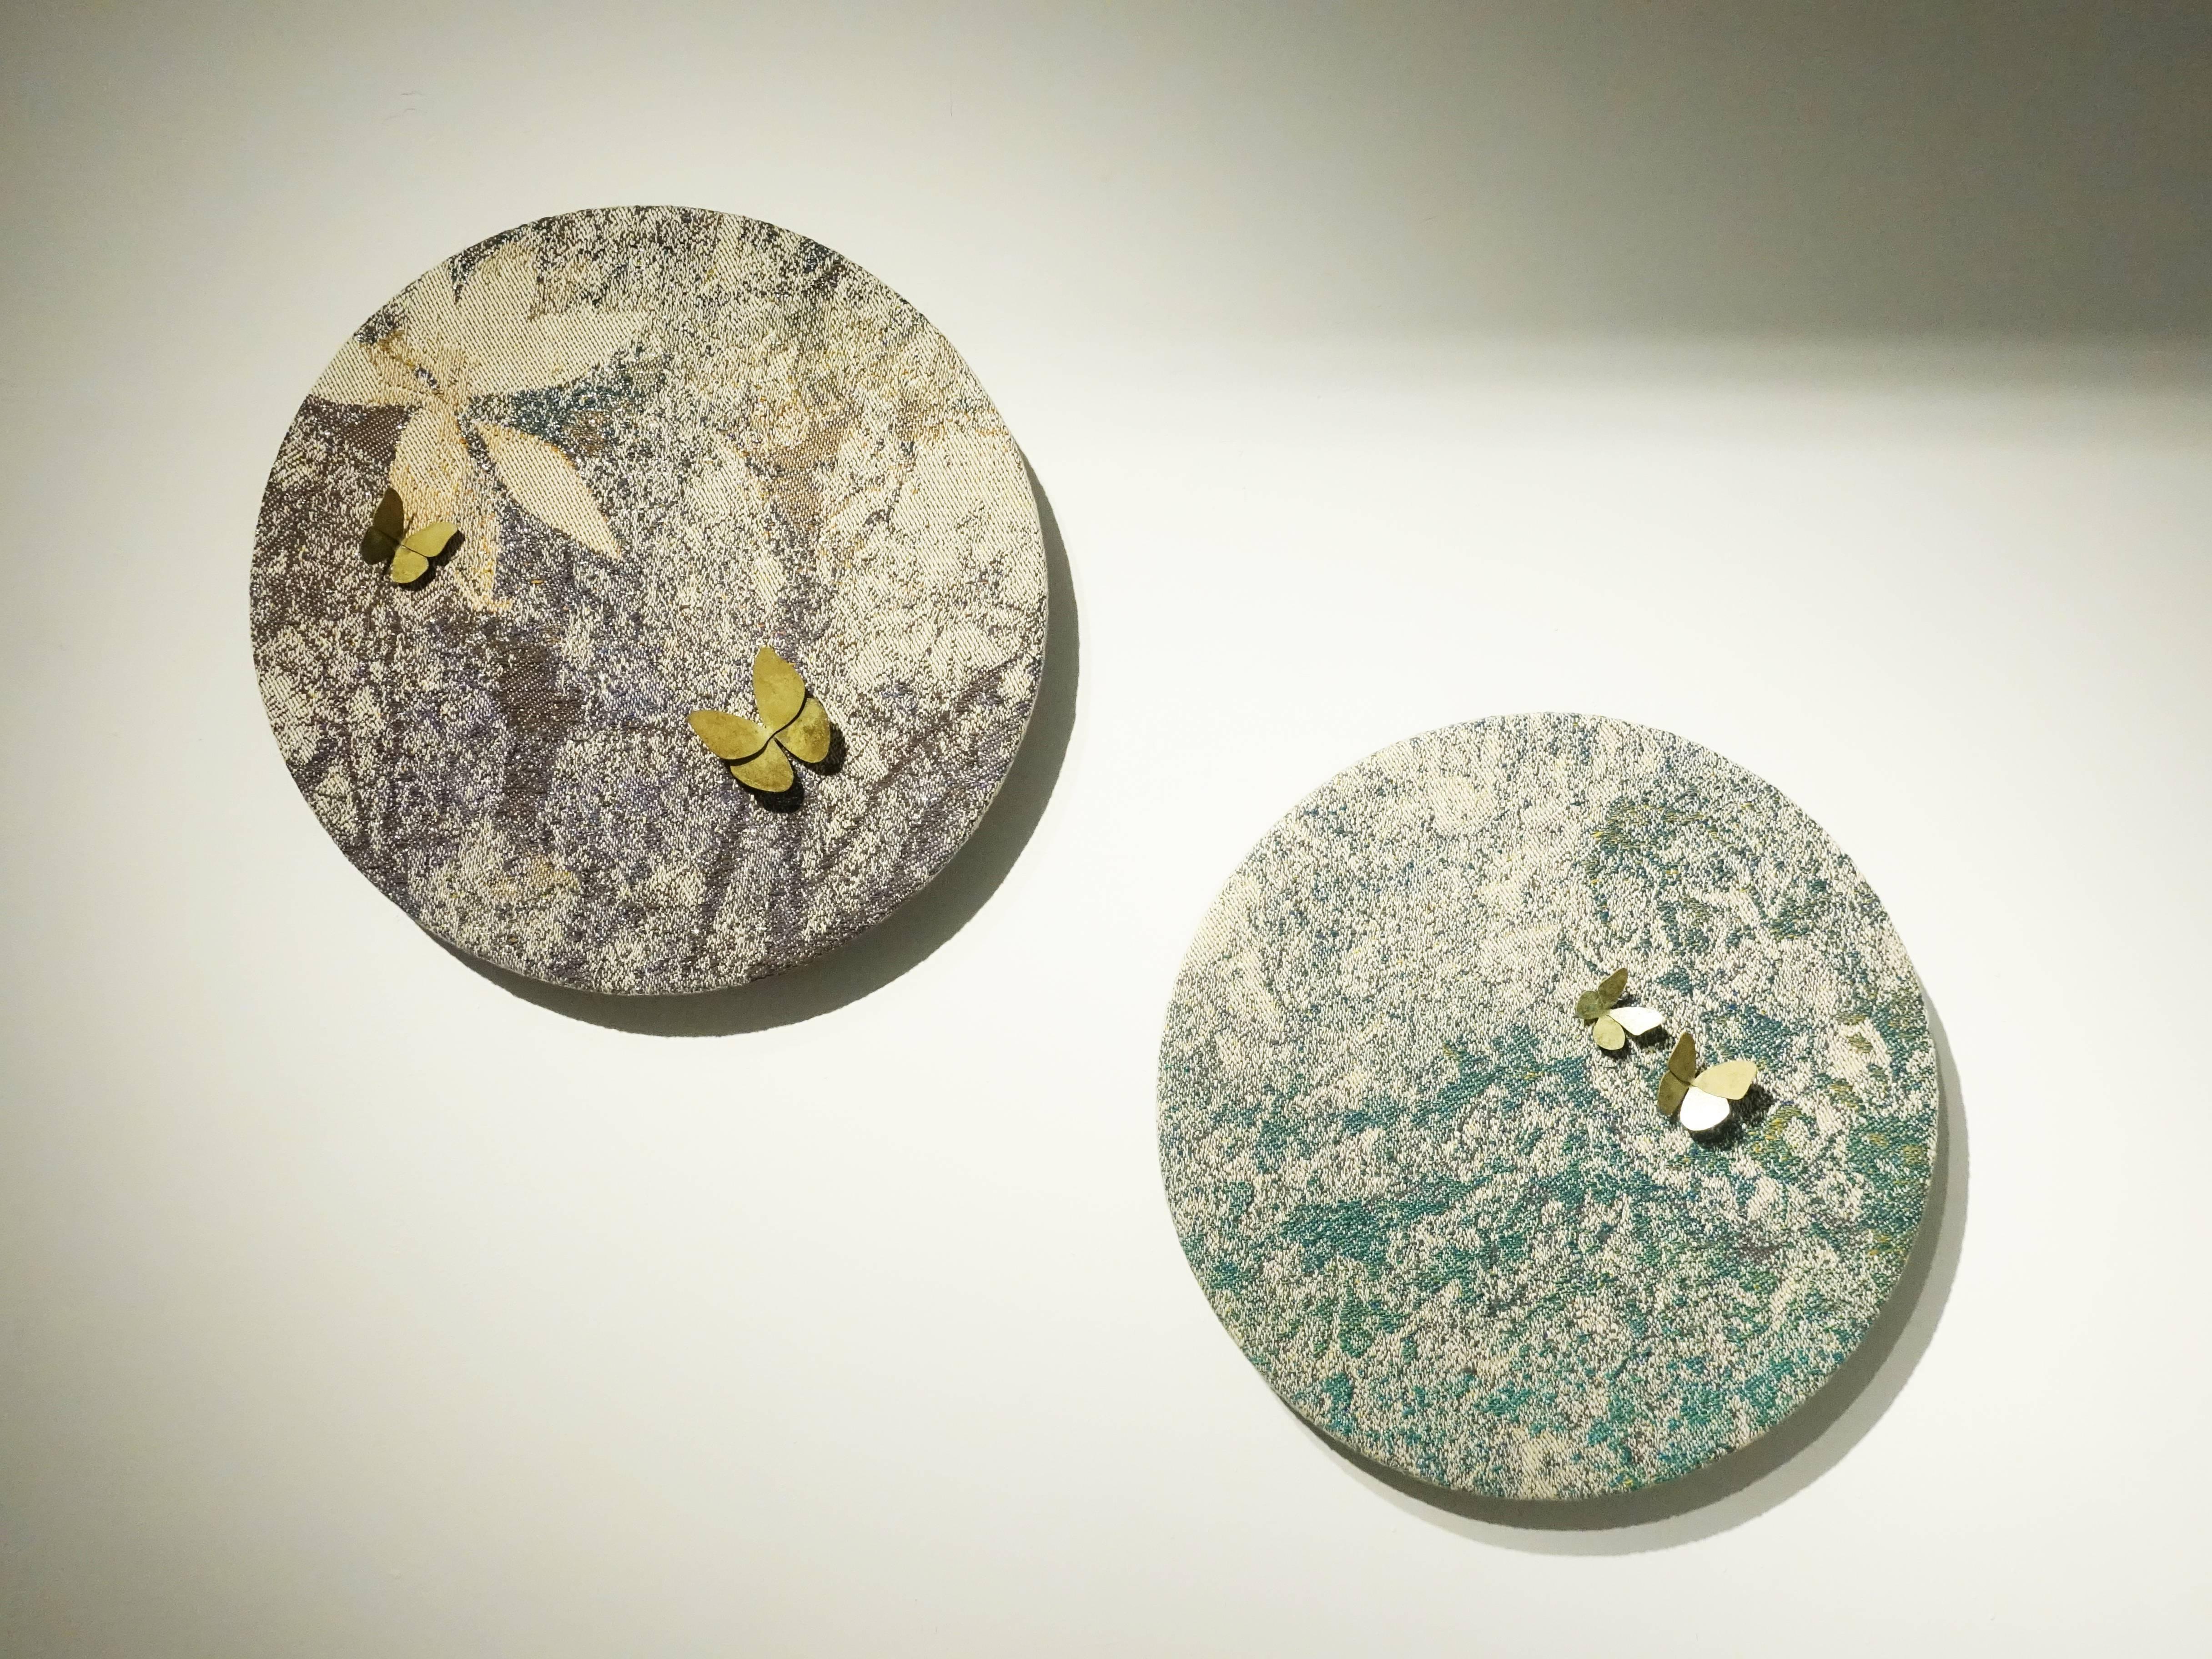 李偵綾,《迷藏》《雙雙》,40 x 40 x 7 cm,棉、人造纖維、金蔥、彈性線、木板、黃銅,2018。